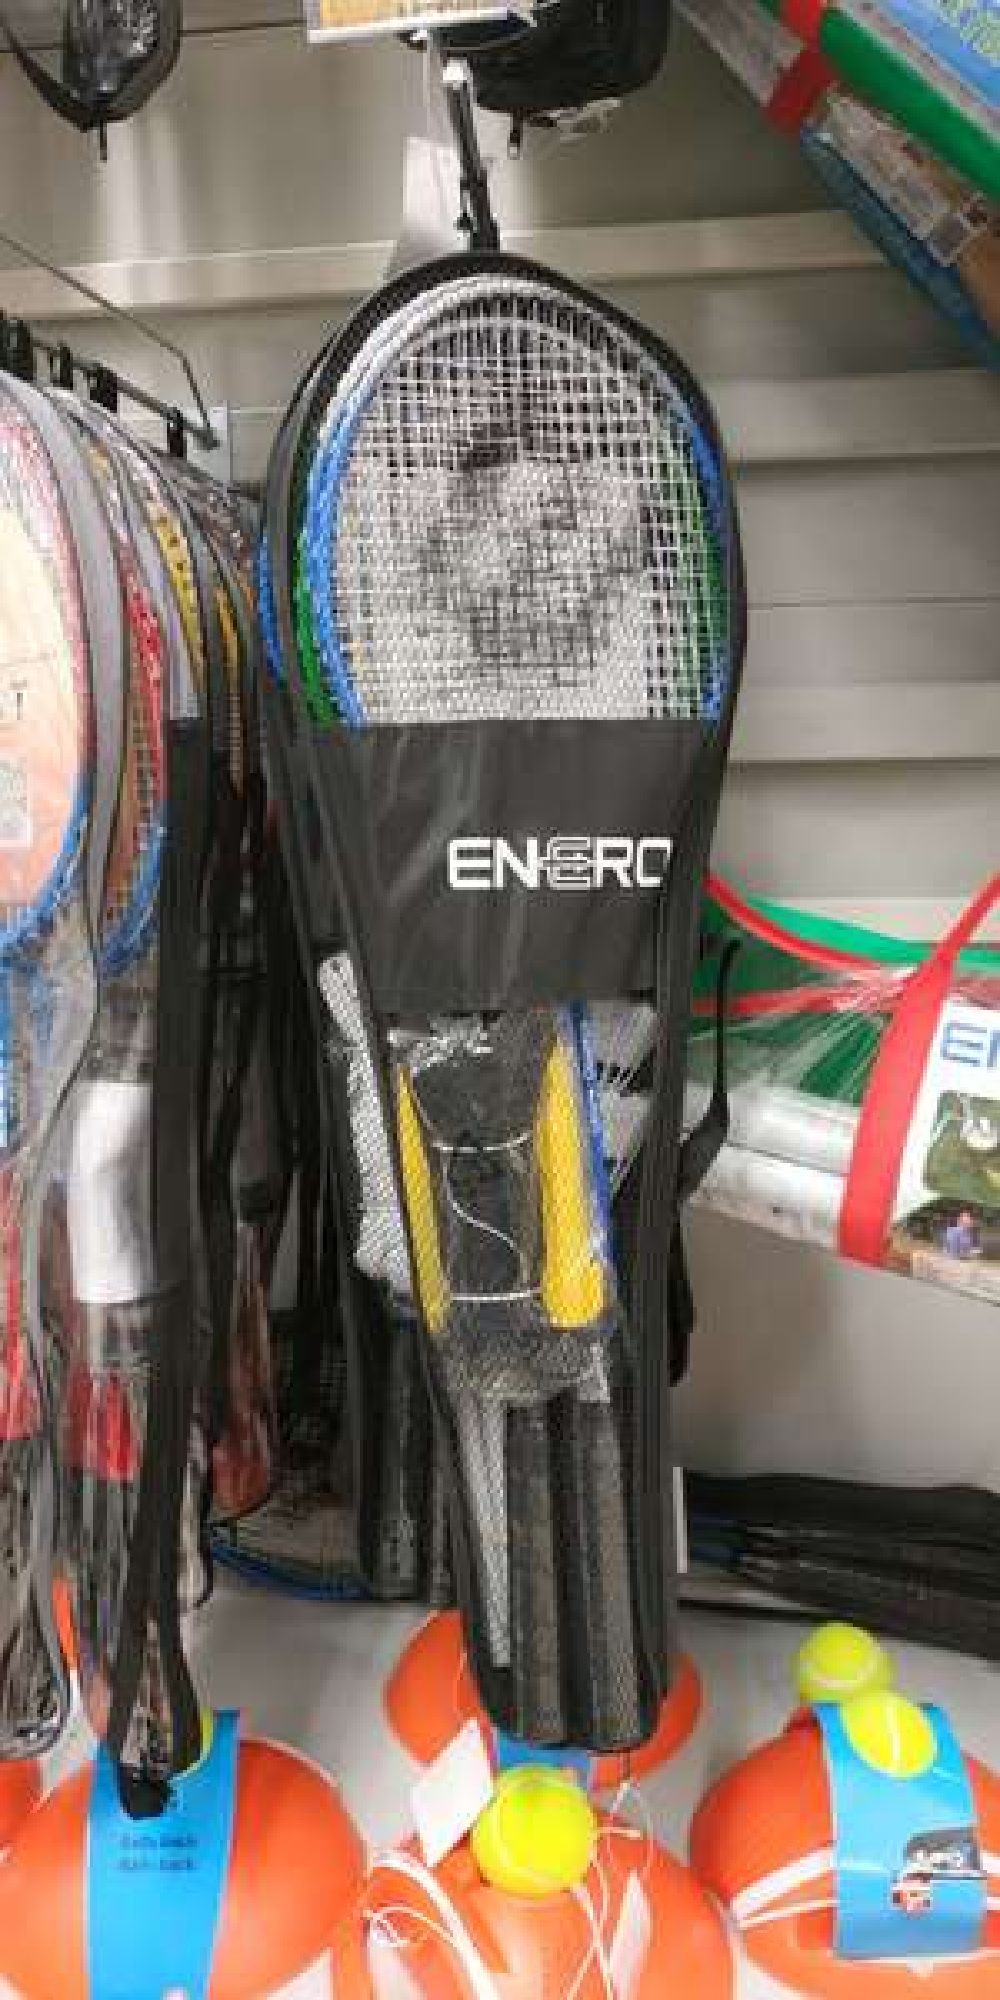 Zestaw do badmintona (4 rakietki, siatka i 2 lotki)